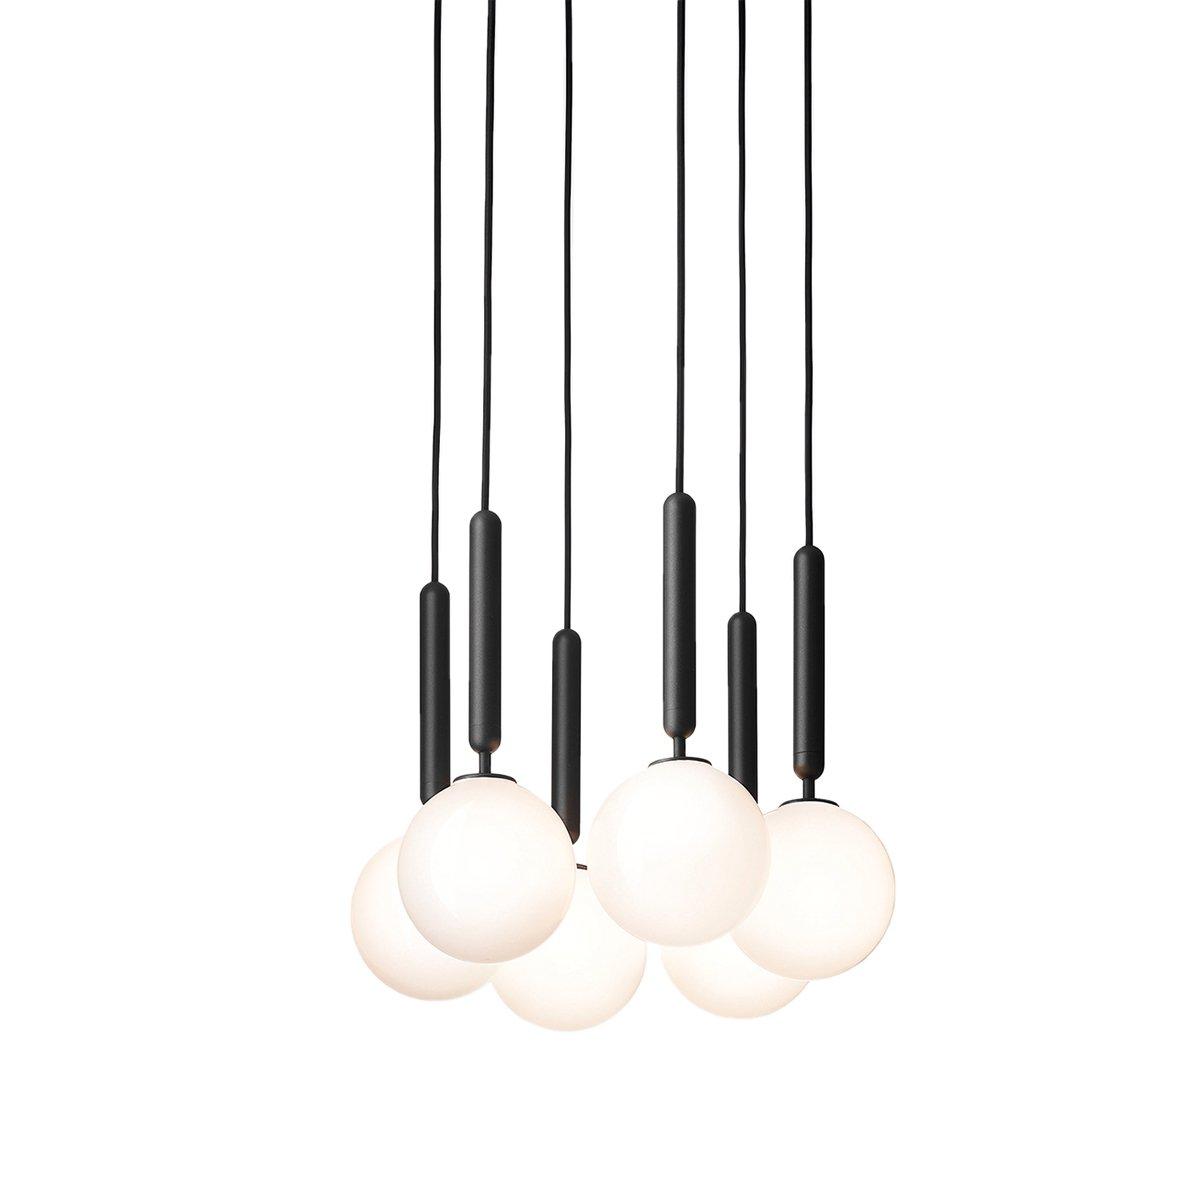 Nuura Miira 6 Hanglamp Medium - Rock Grey / Opal